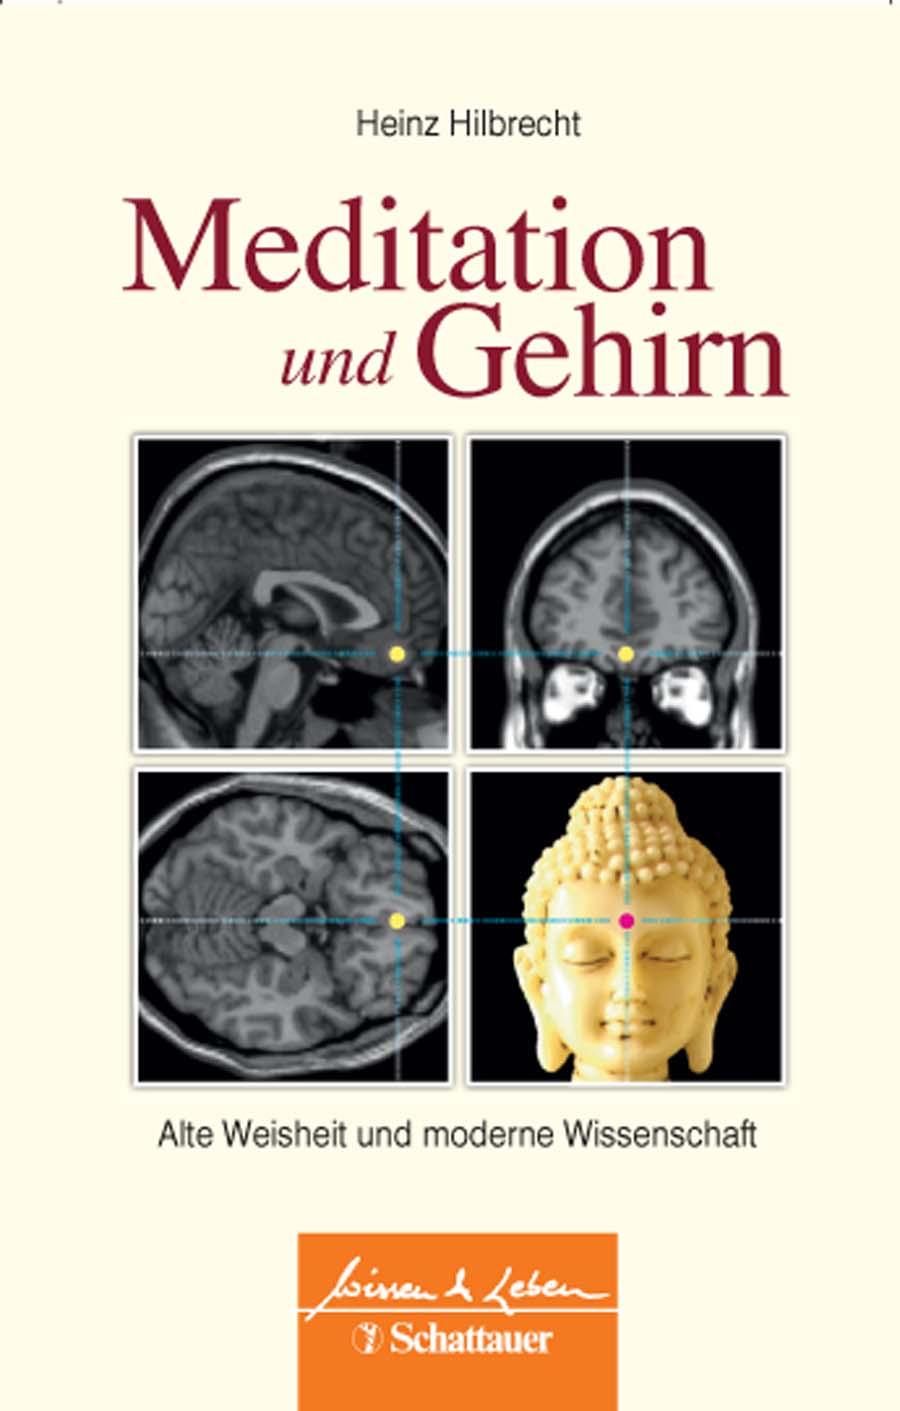 Meditation und Gehirn: Alte Weisheit und moderne Wissenschaft - Heinz Hilbrecht